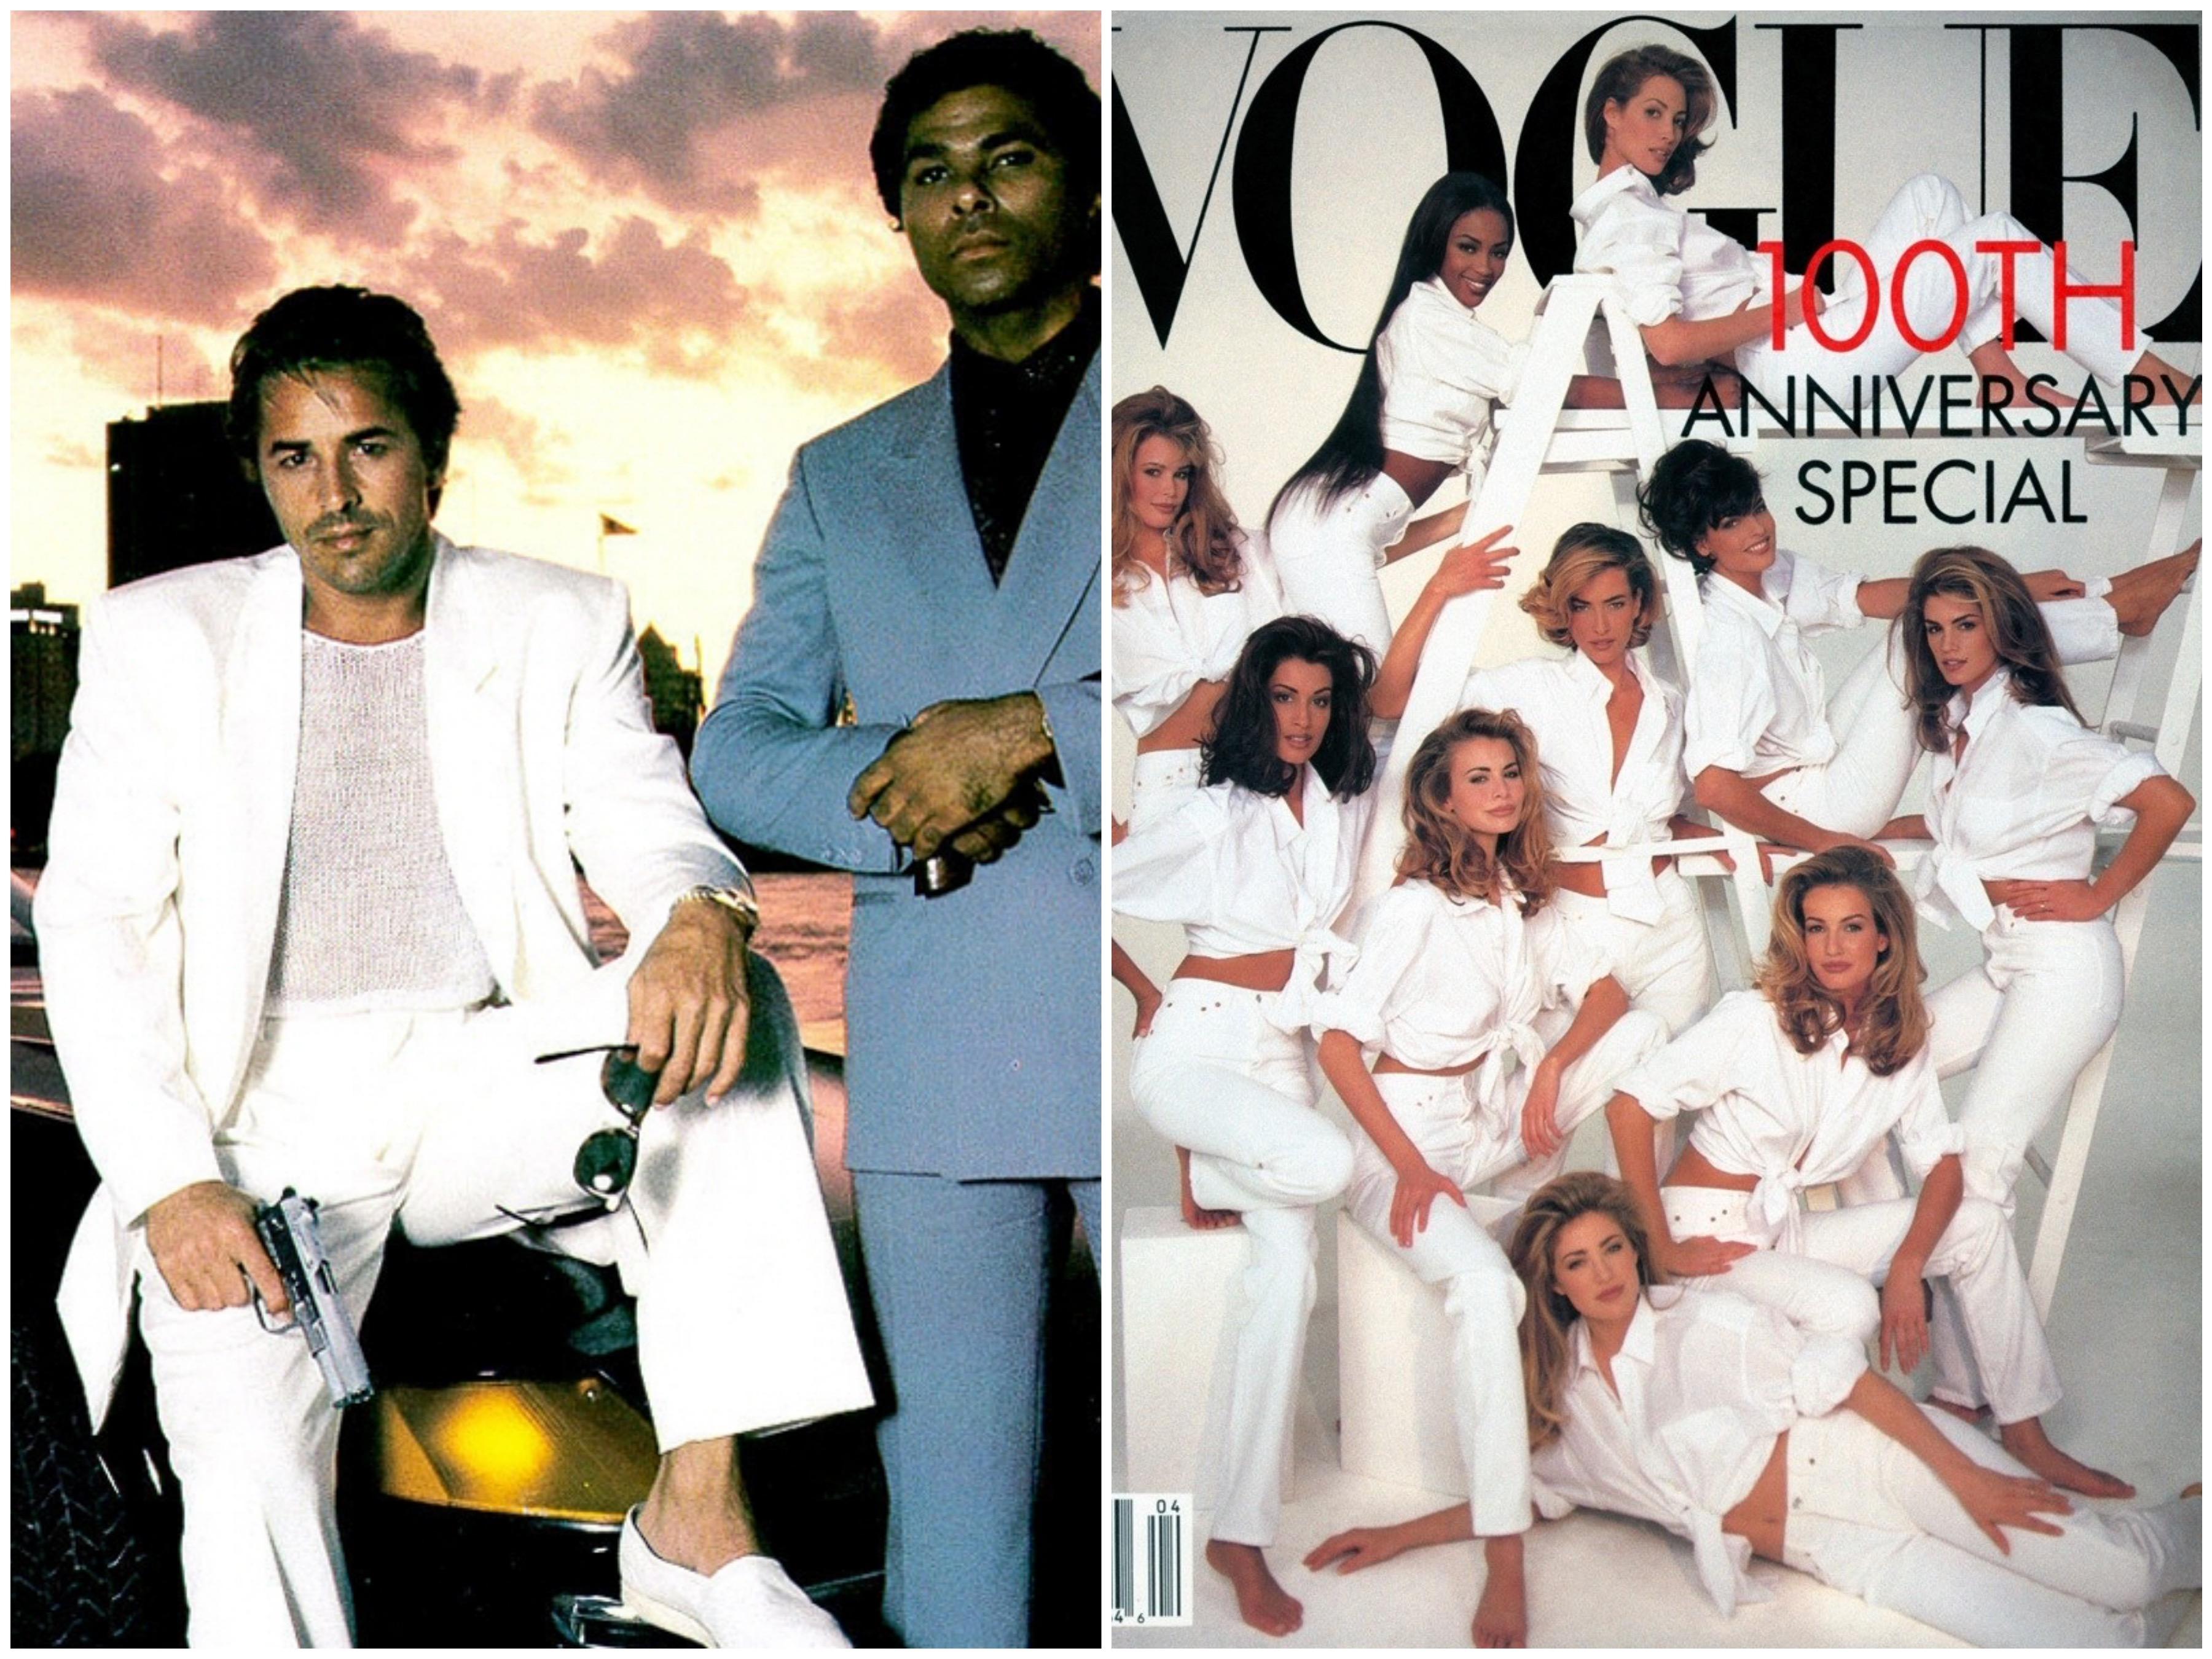 Gutta i Miami Vice i hvitt antrekk og forsiden av Vogue med supermodeller i hvite antrekk